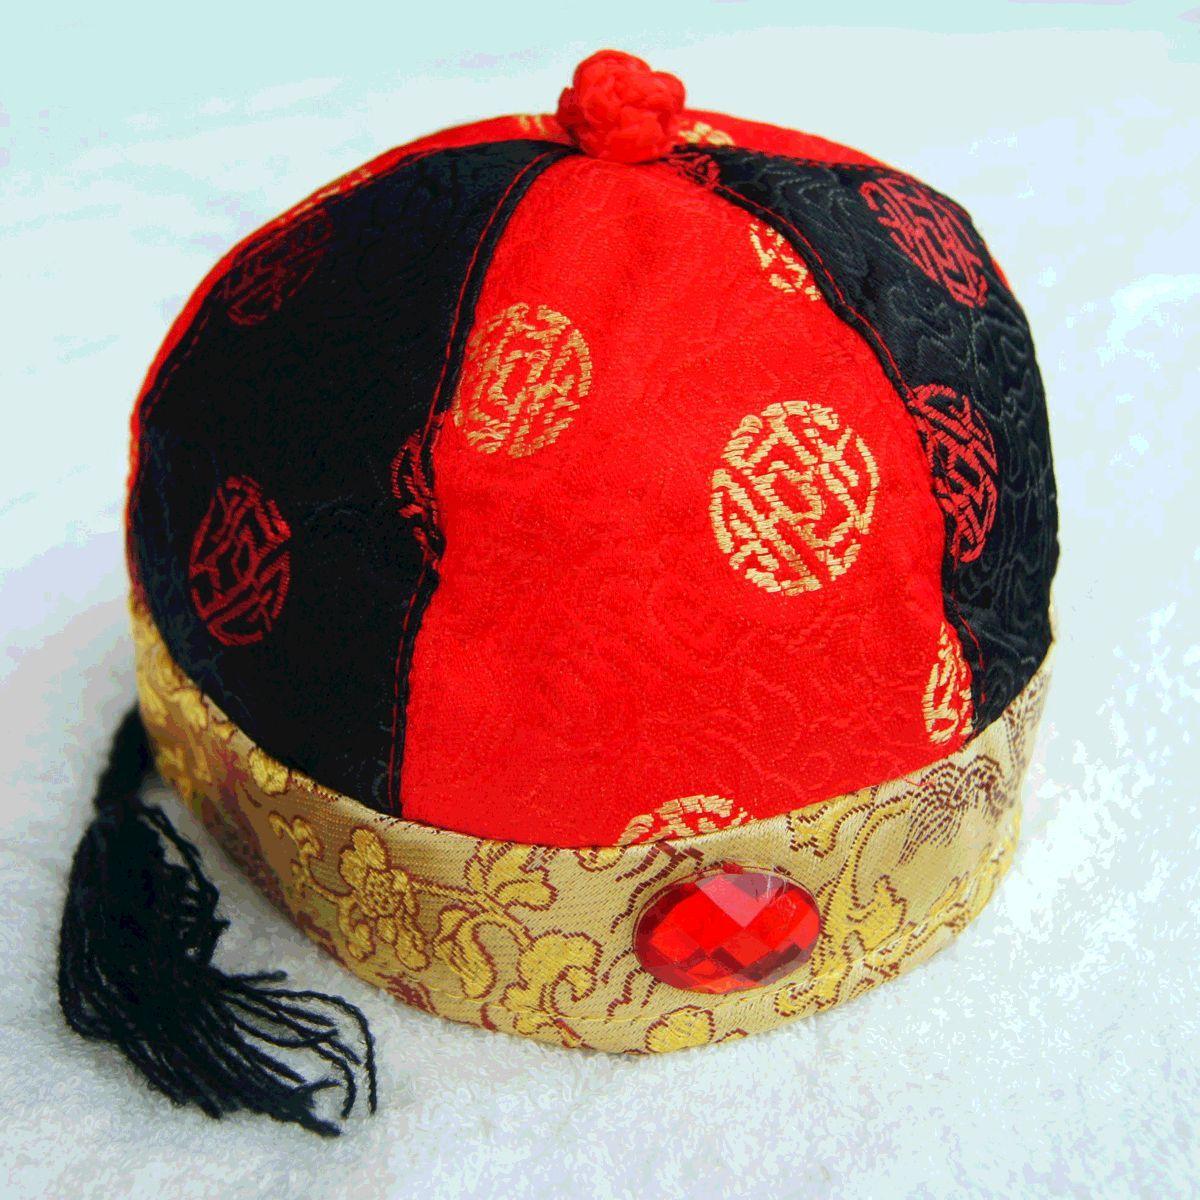 唐人堂 唐装瓜皮帽阿哥帽太子帽儿童唐装皇帝帽节日礼服帽子黑红